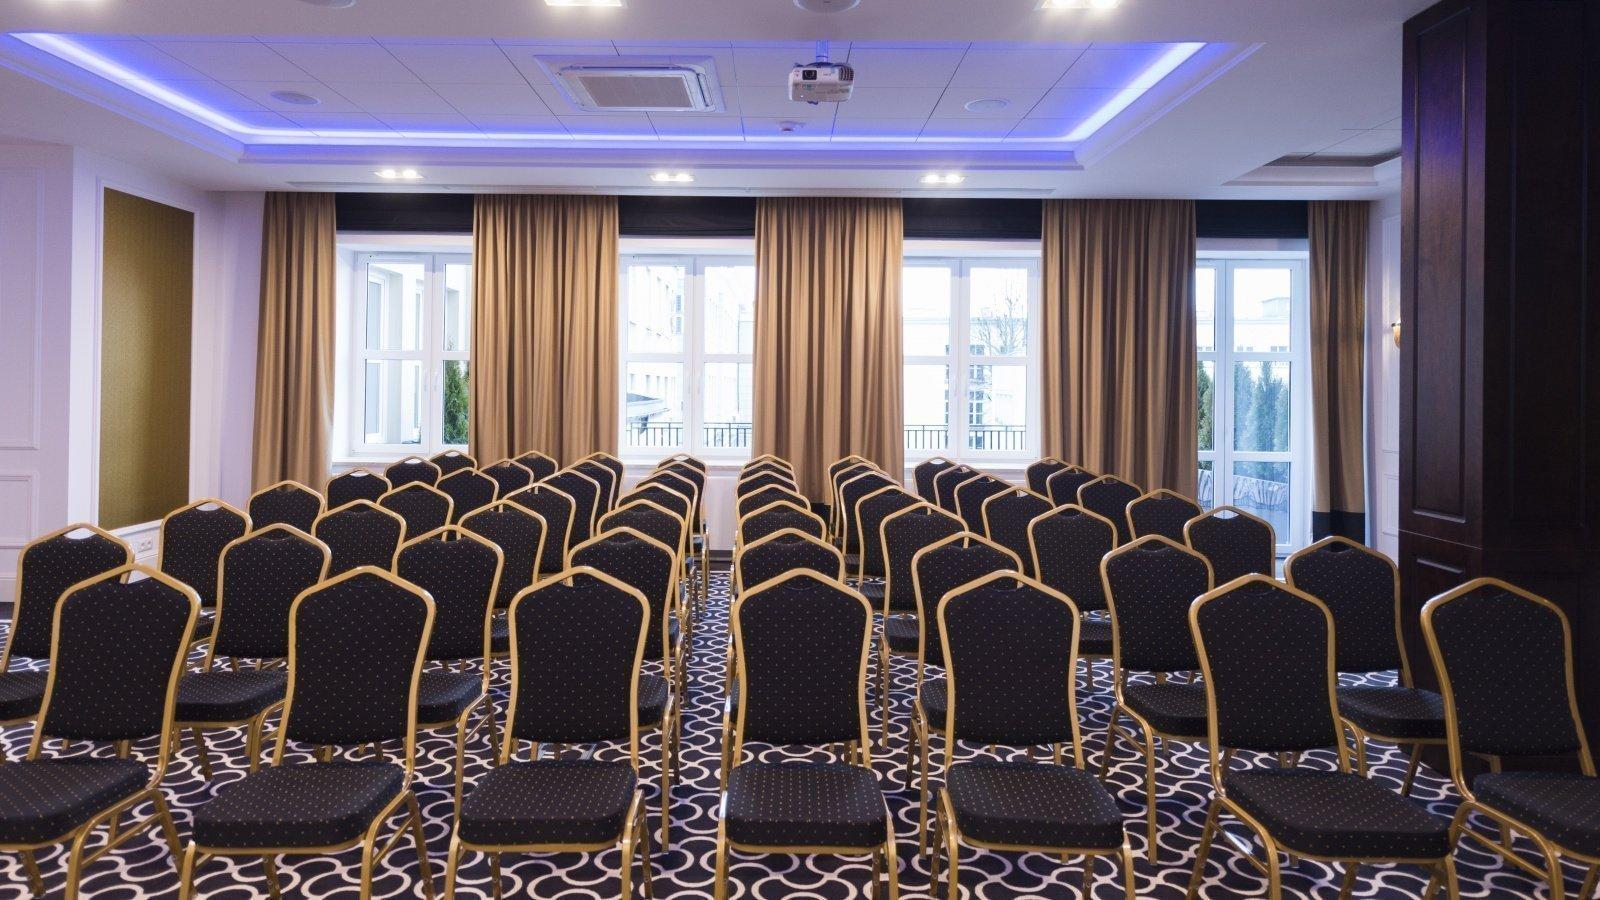 rolety rzymskie elektryczne w sali konferencyjnej